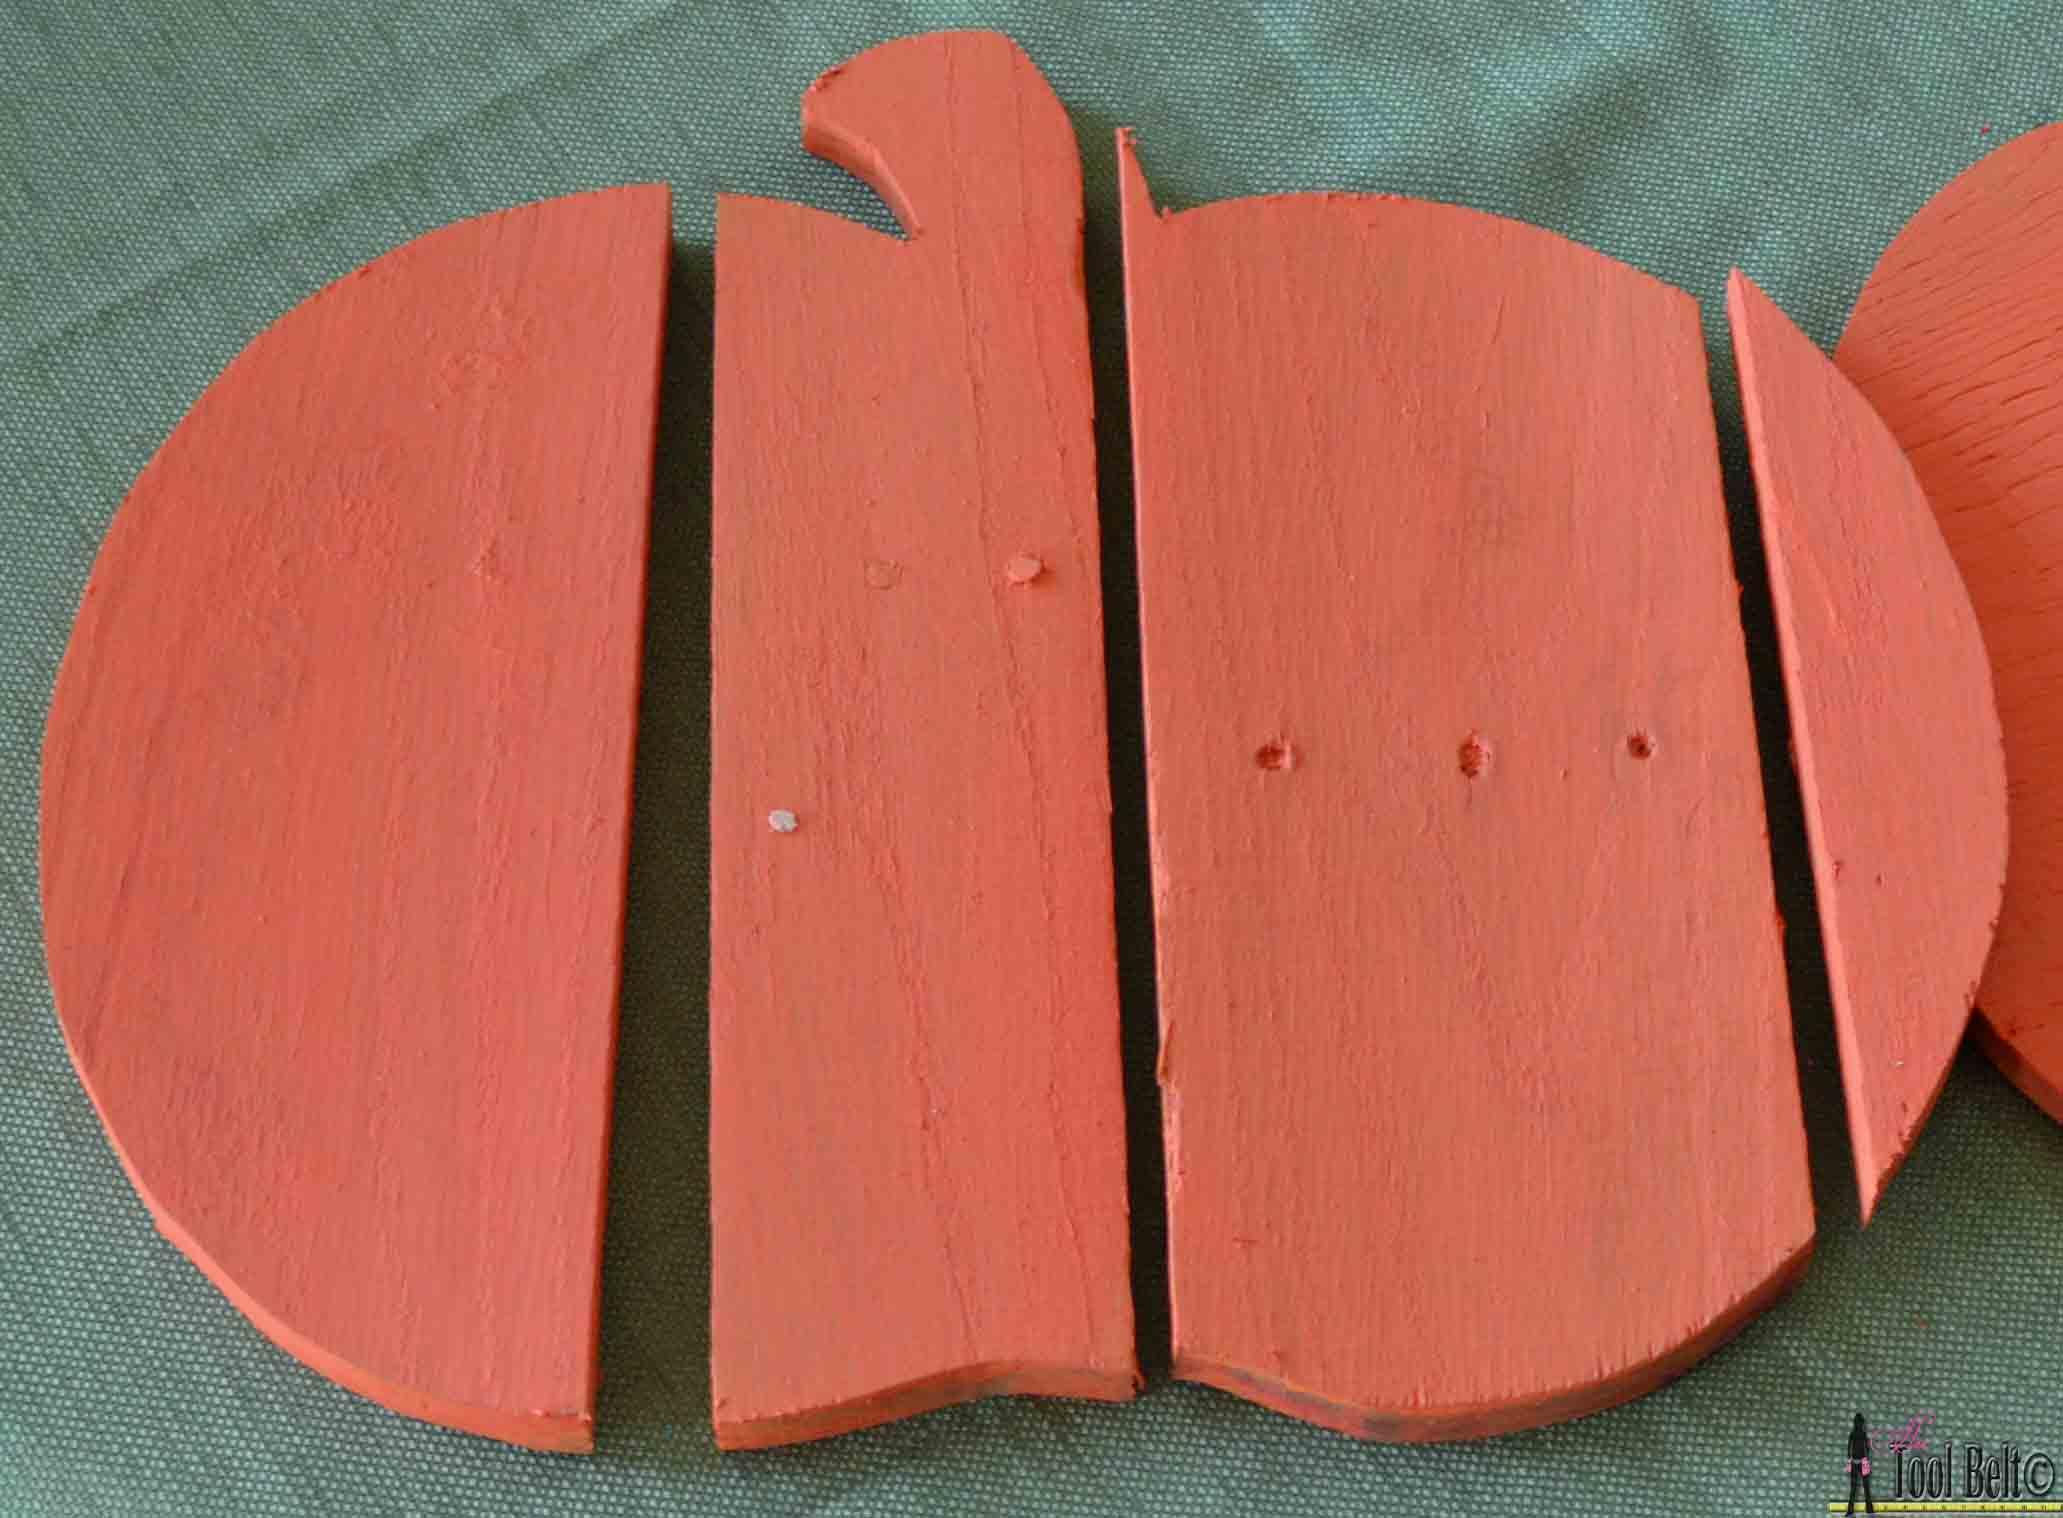 Rustic Pallet Pumpkin Her Tool Belt